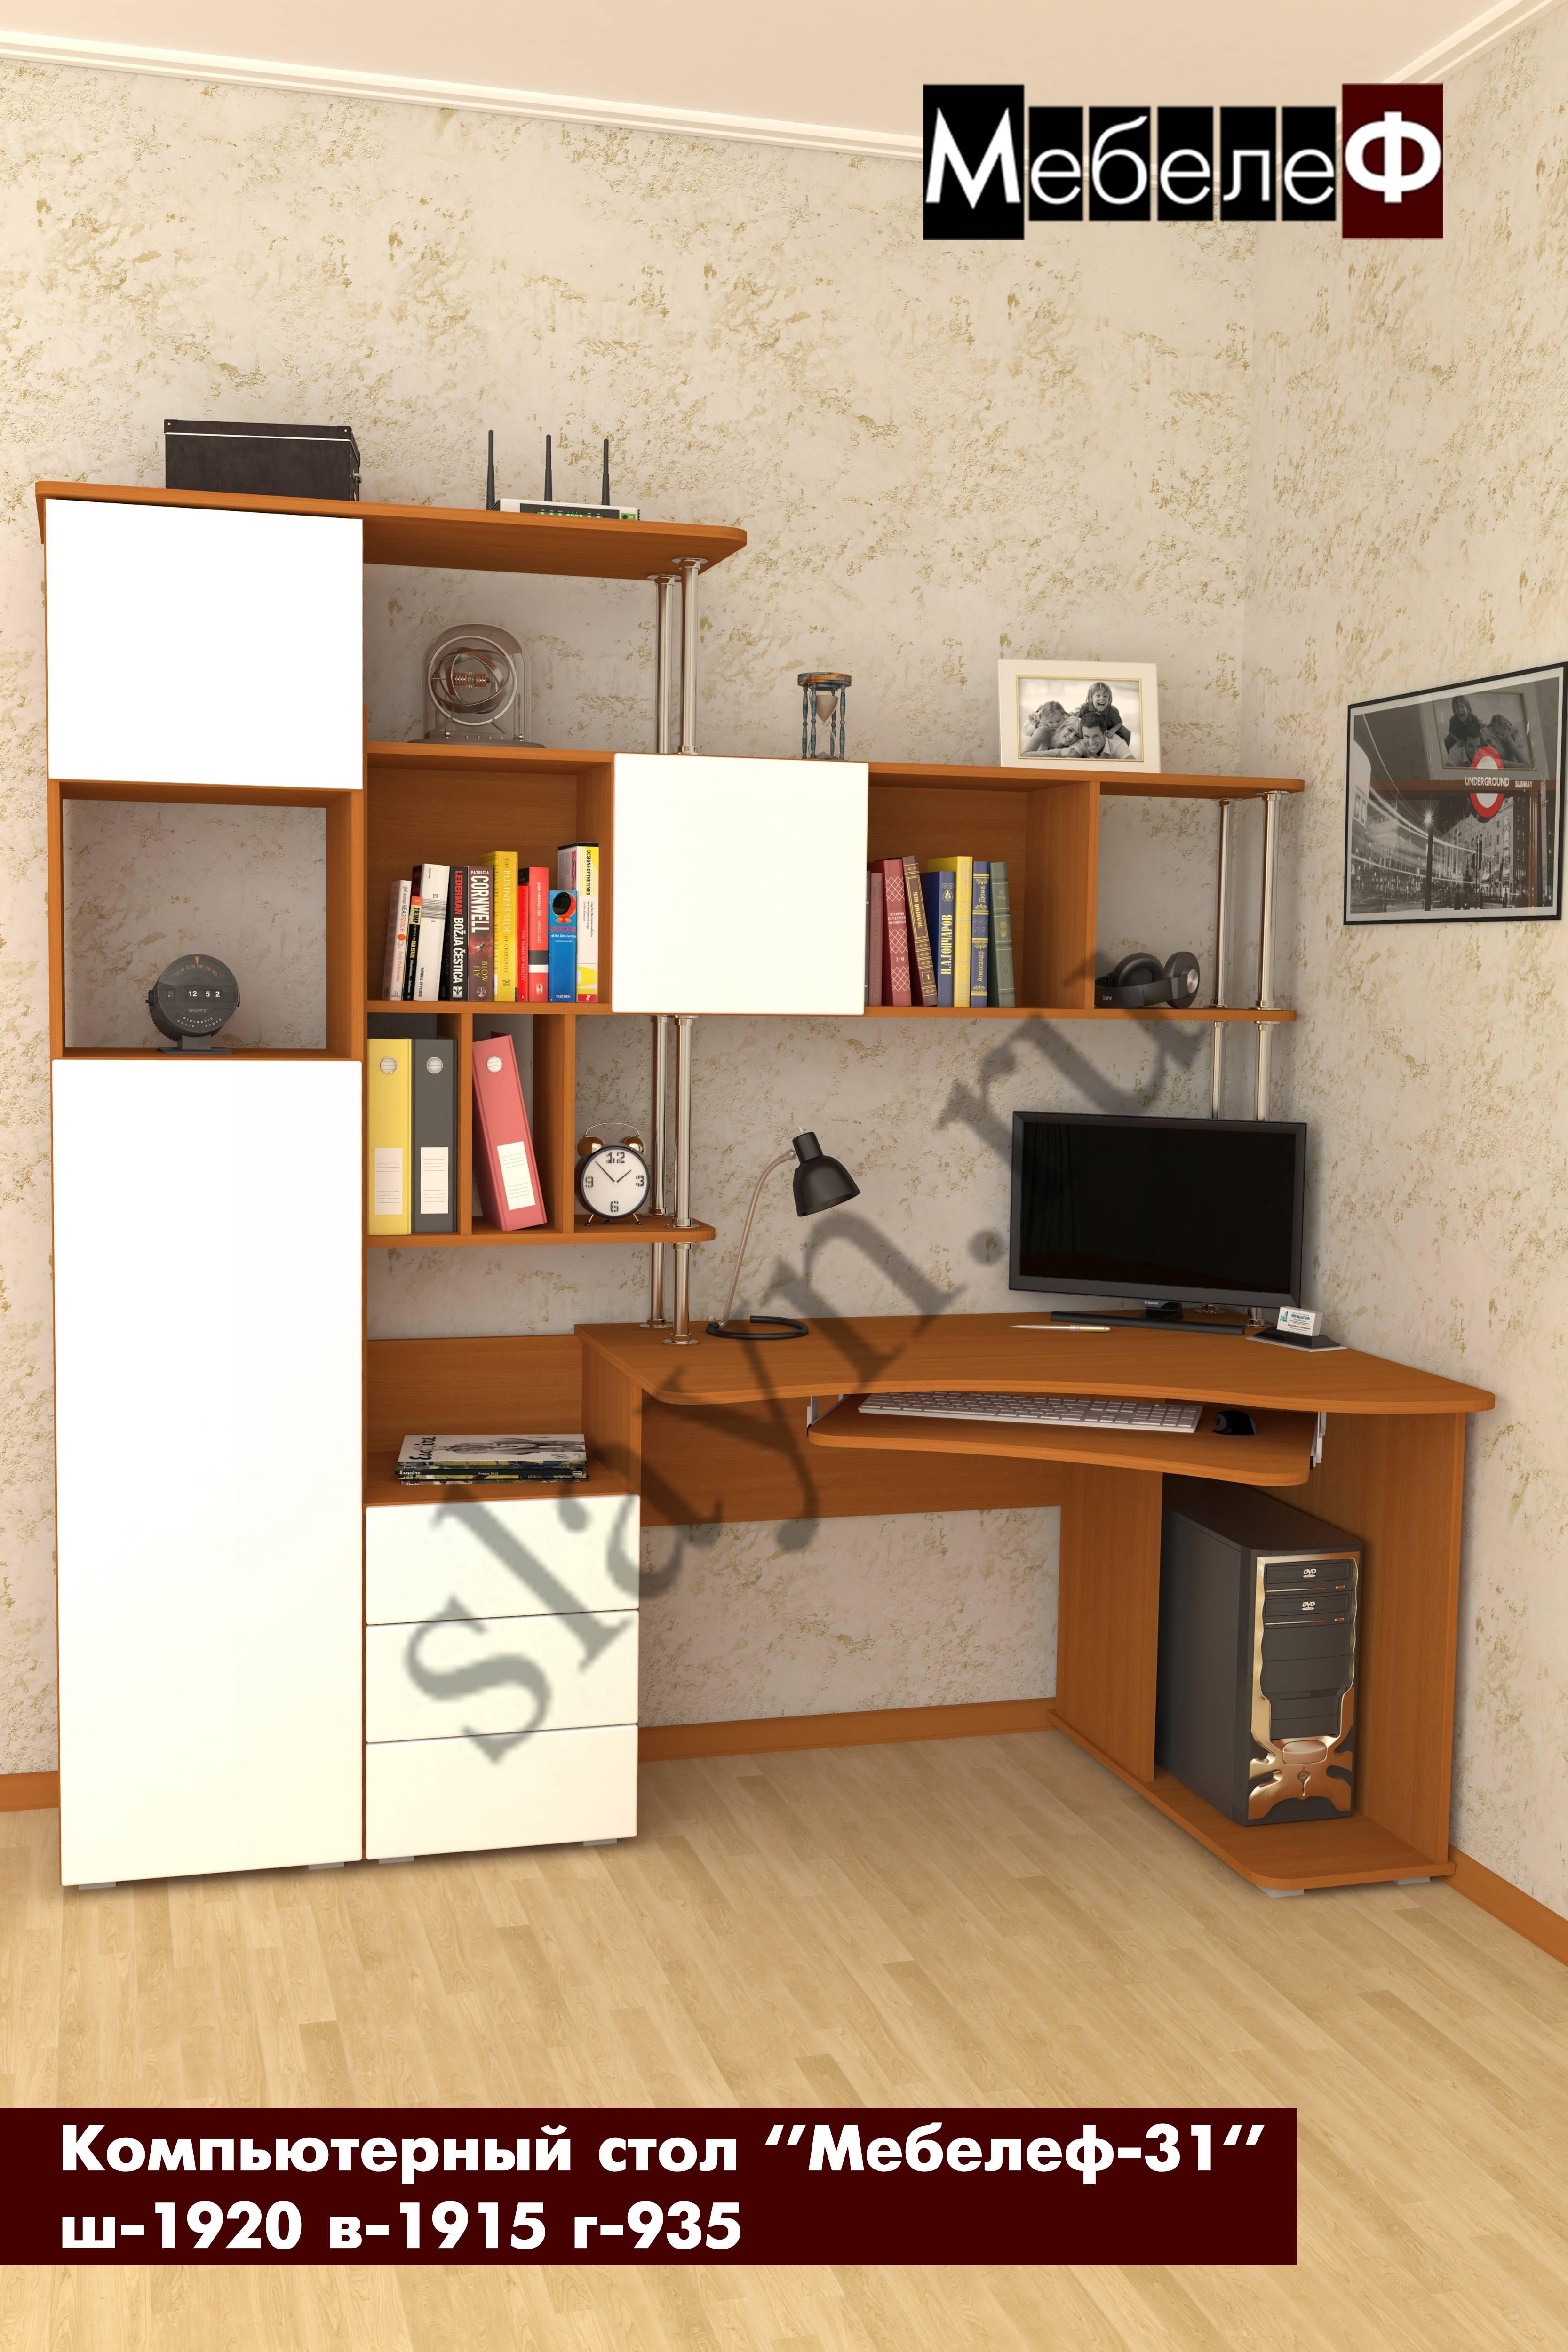 Компьютерный стол мебелеф кс-31 купить за 13700 руб. в москв.